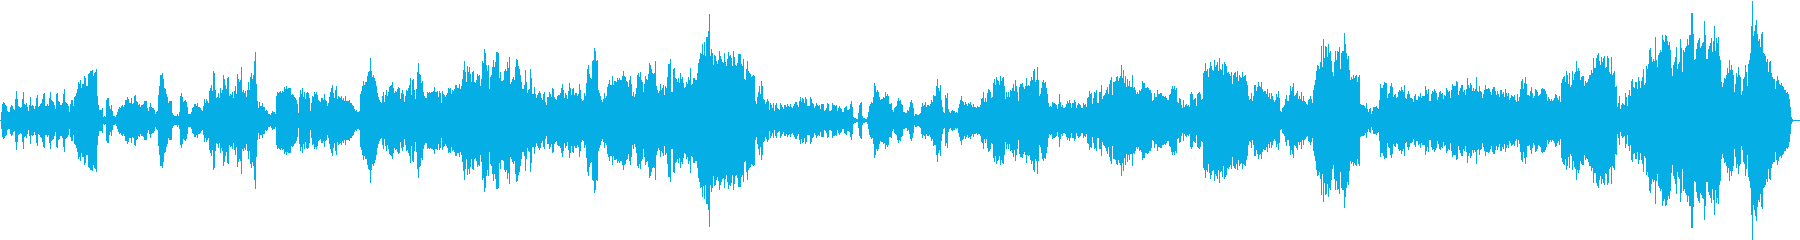 クロード・ドビュッシーのカバーの再生済みの波形